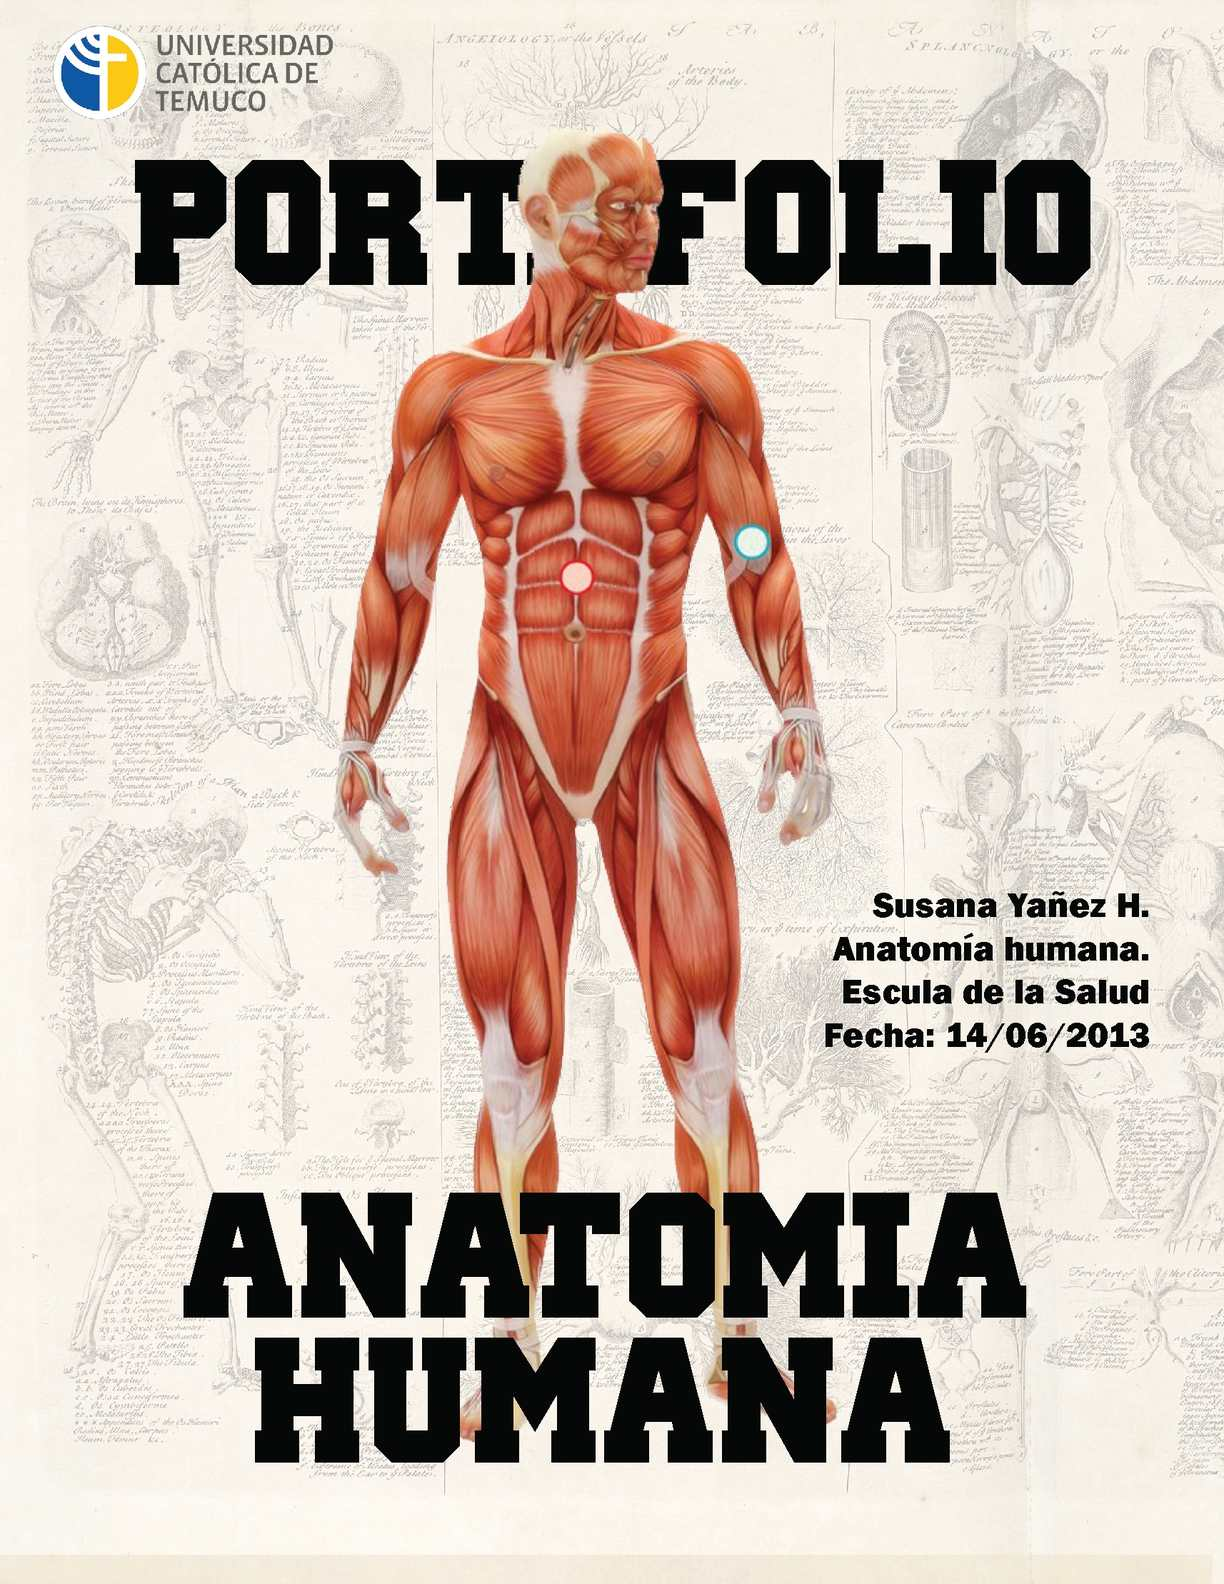 Calaméo - Portafolio Digital, Anatomía Humana- Susana Yañez H